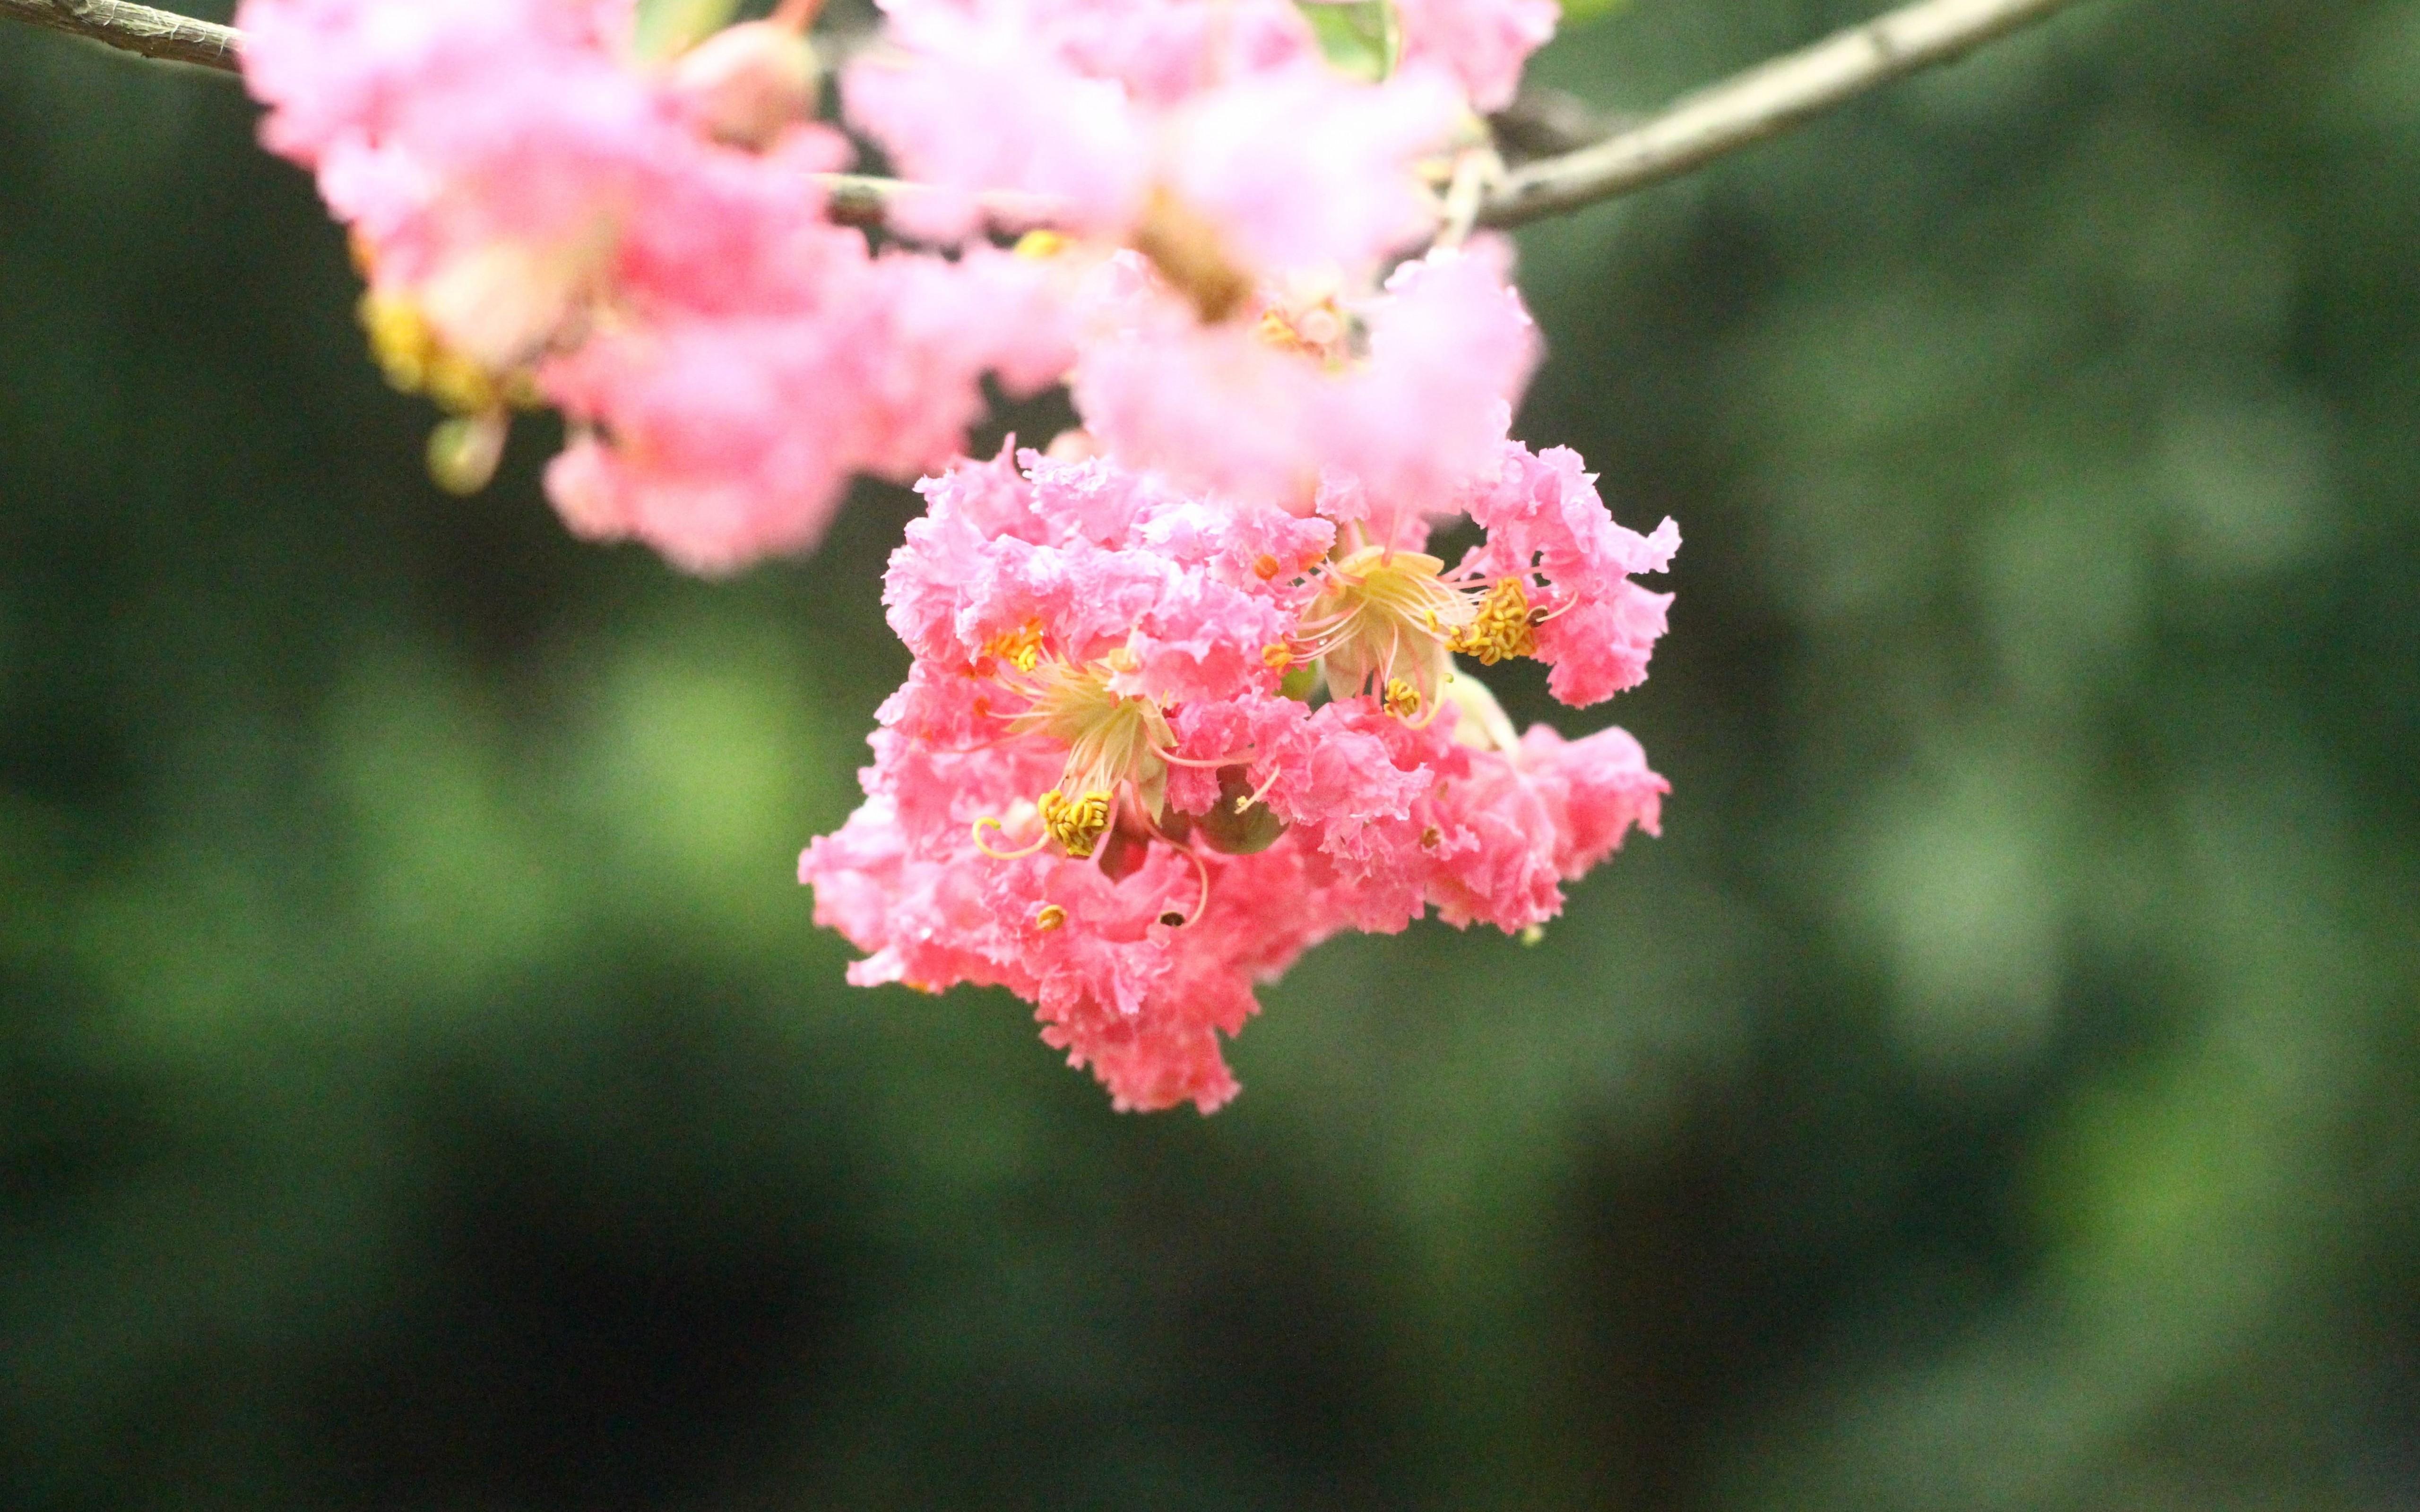 Natural Beauty Of A Flower Wallpaper - [5120x3200]